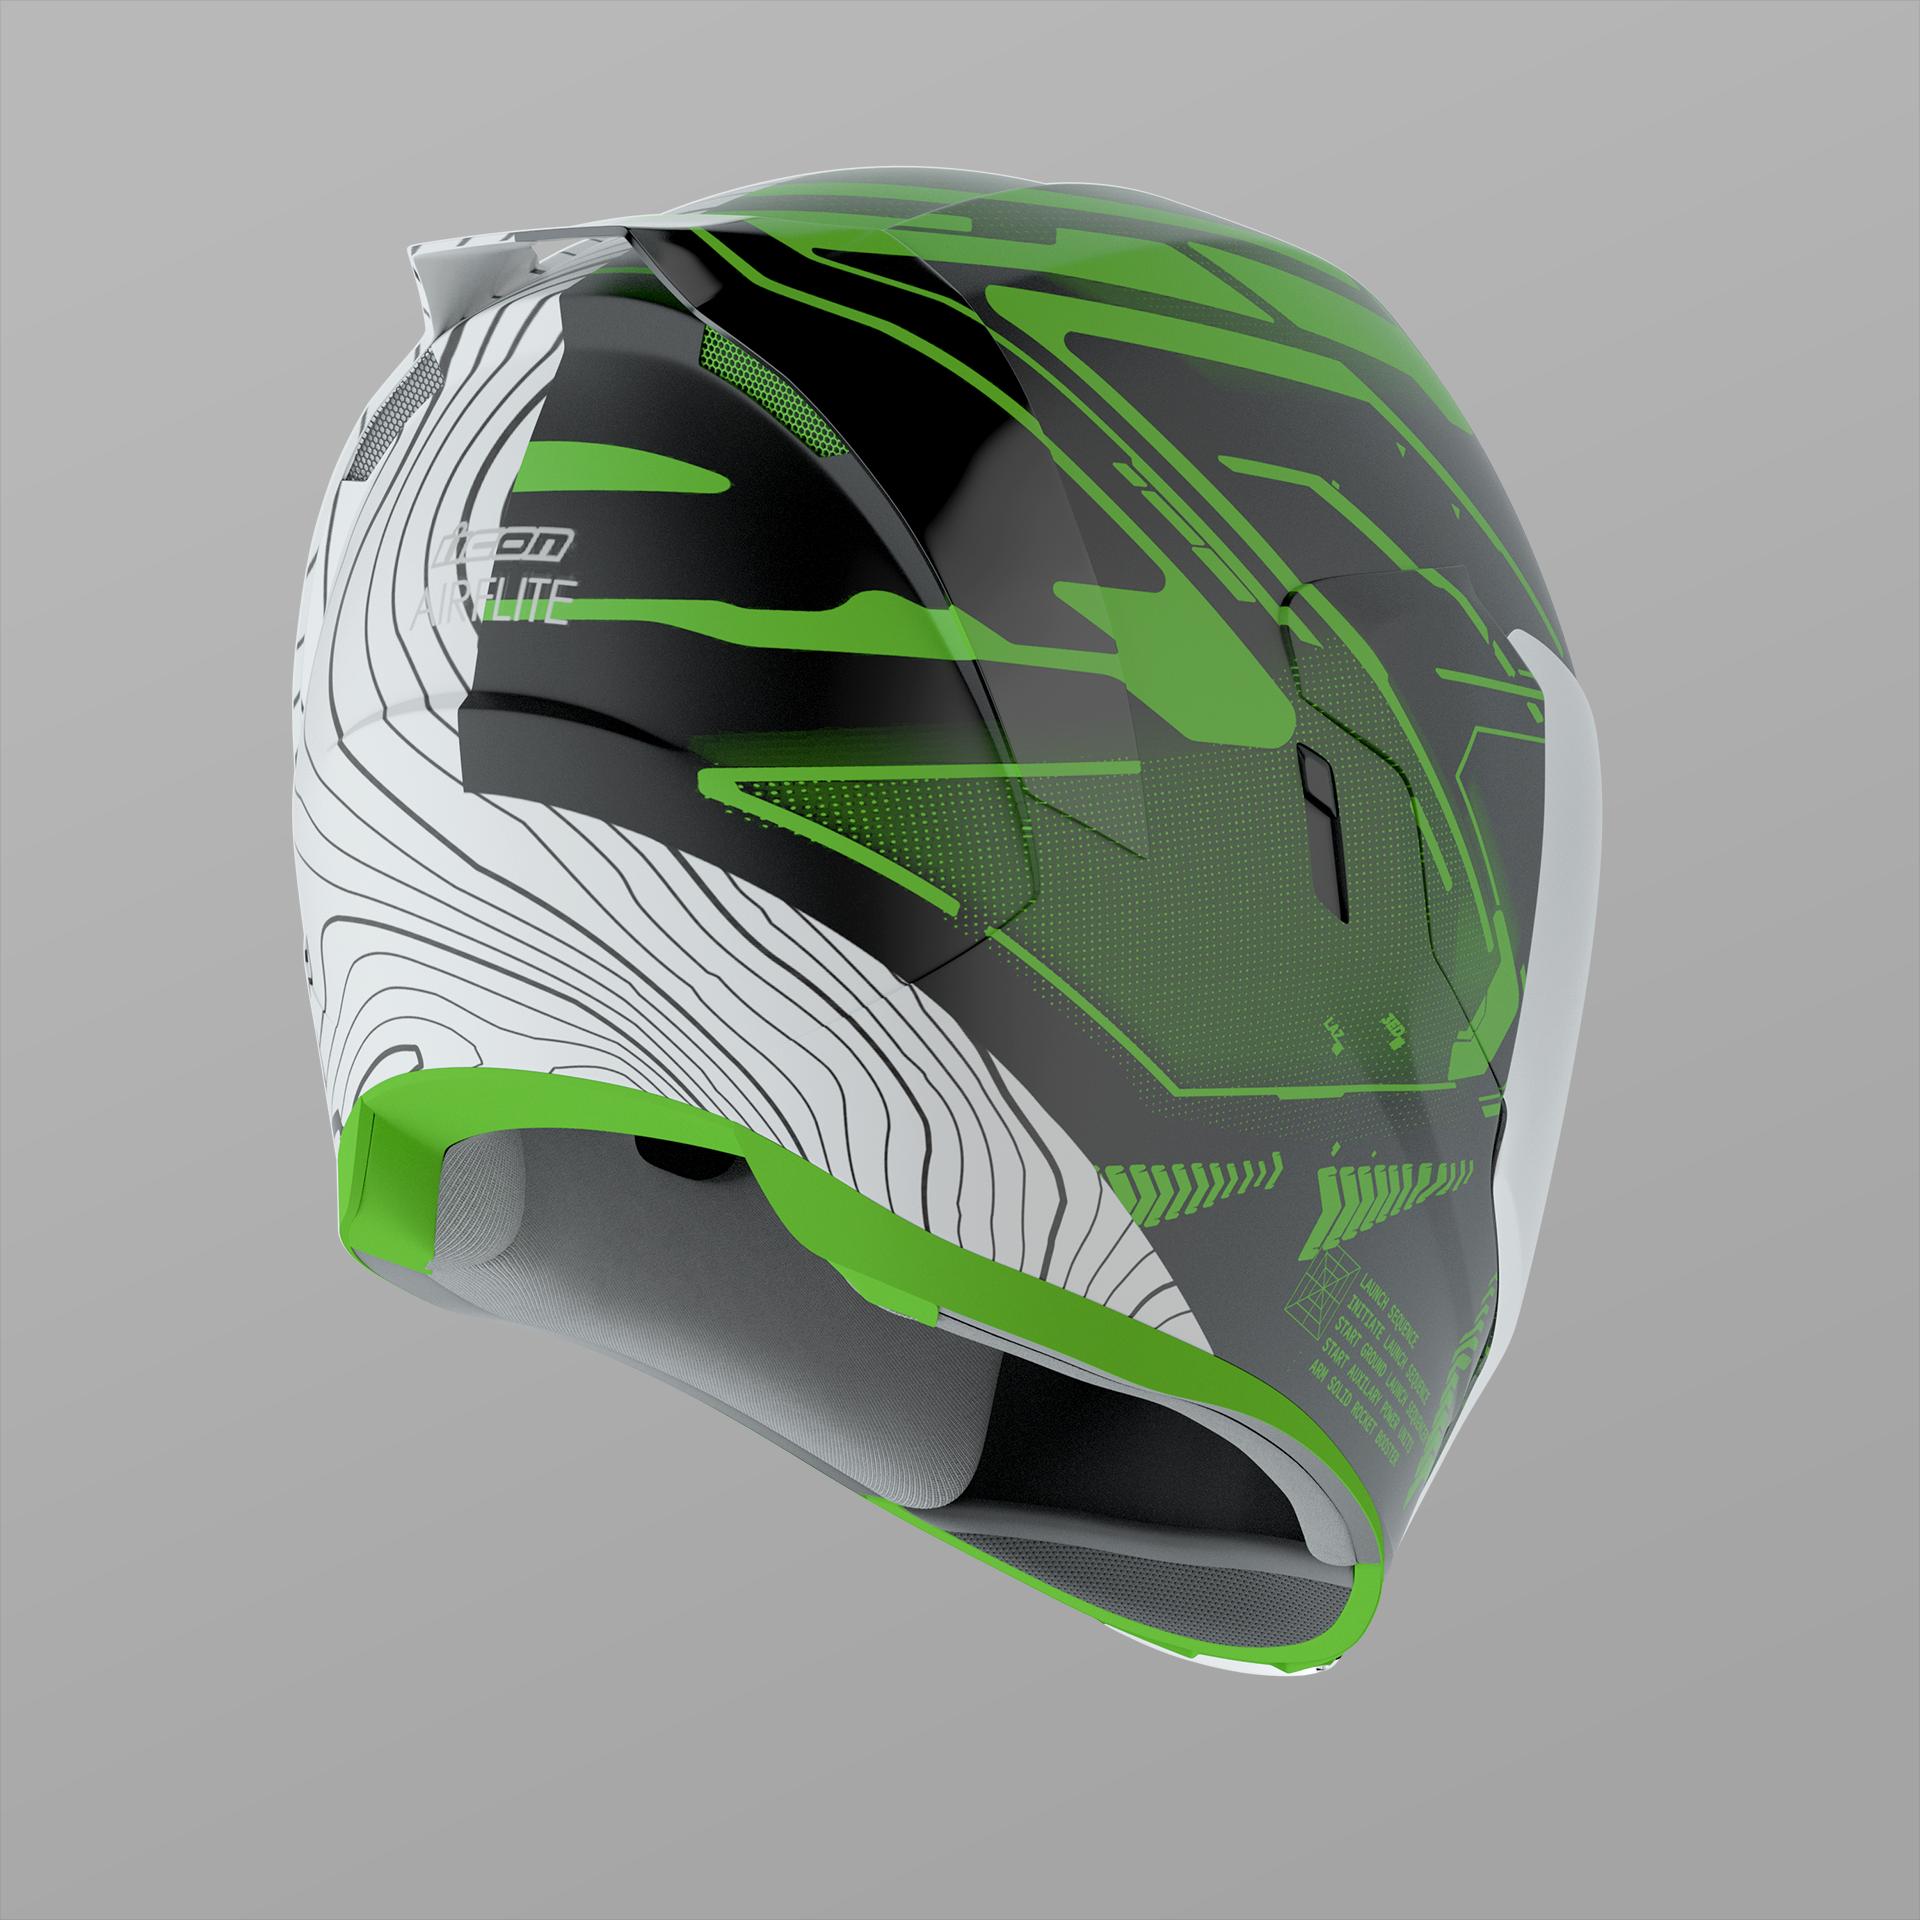 01_Airflite_Helmet_3-4_lower-RT_1920_002.png